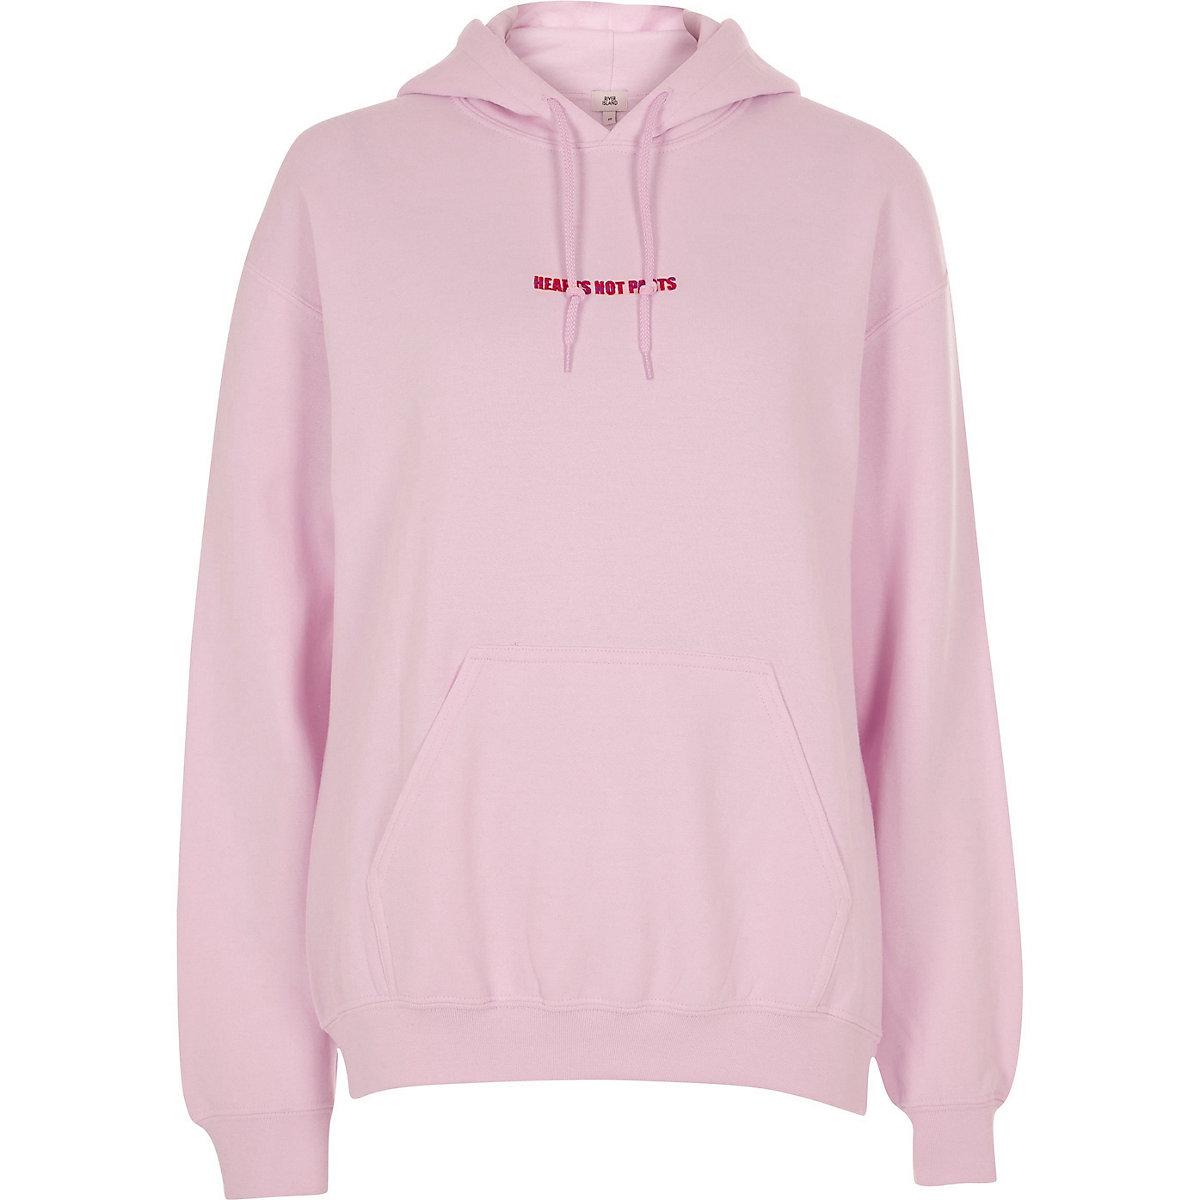 Pink Pride 'hearts not parts' print hoodie